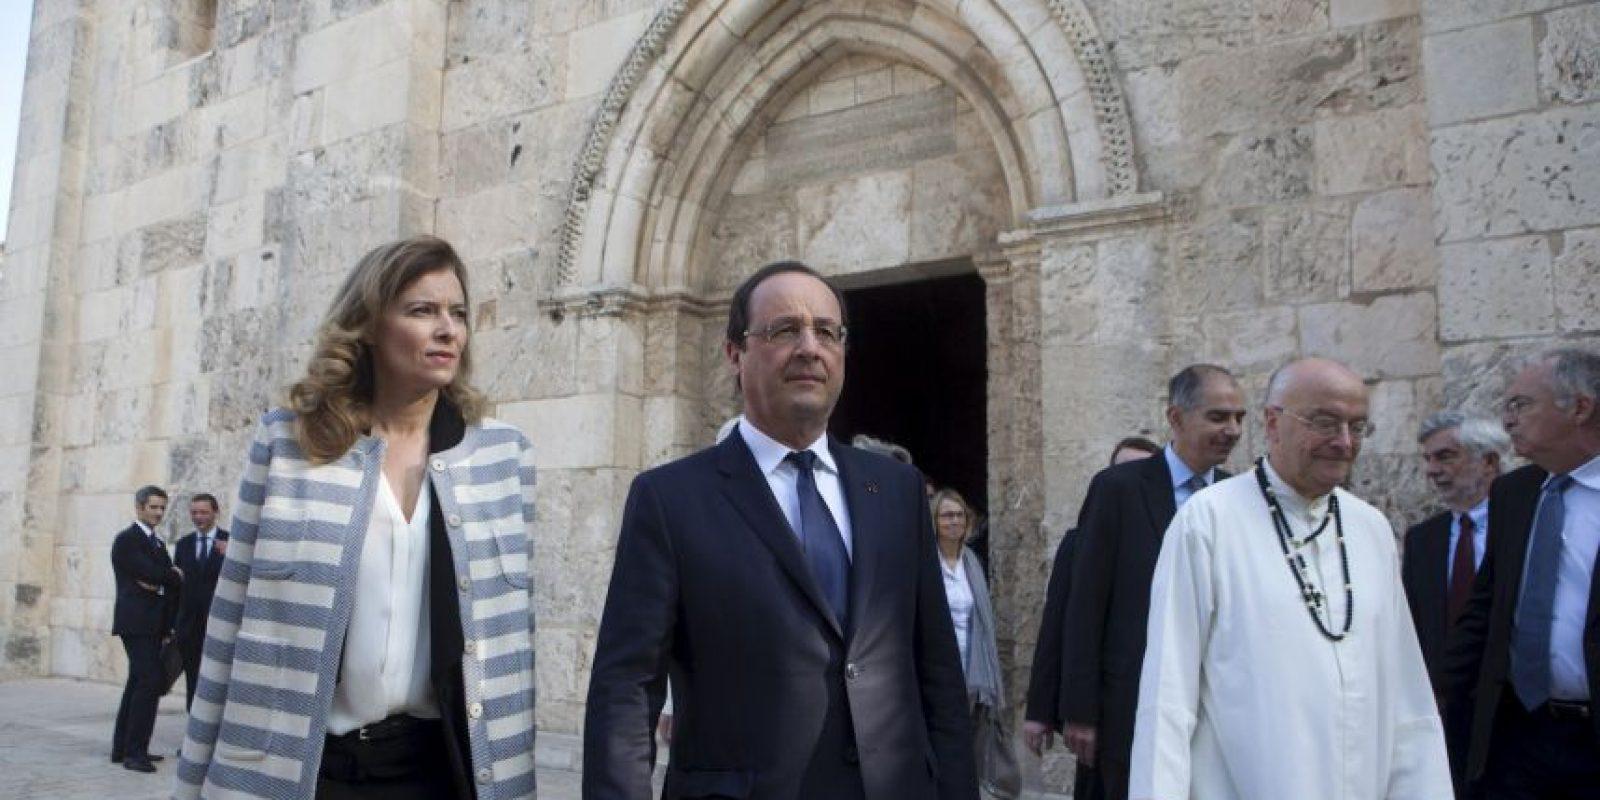 Días después de que se diera a conocer la infidelidad de Francois Hollande, este anunció su ruptura con Valérie Trierweiler, la mujer que fungía como Primera Dama. Foto:Getty Images